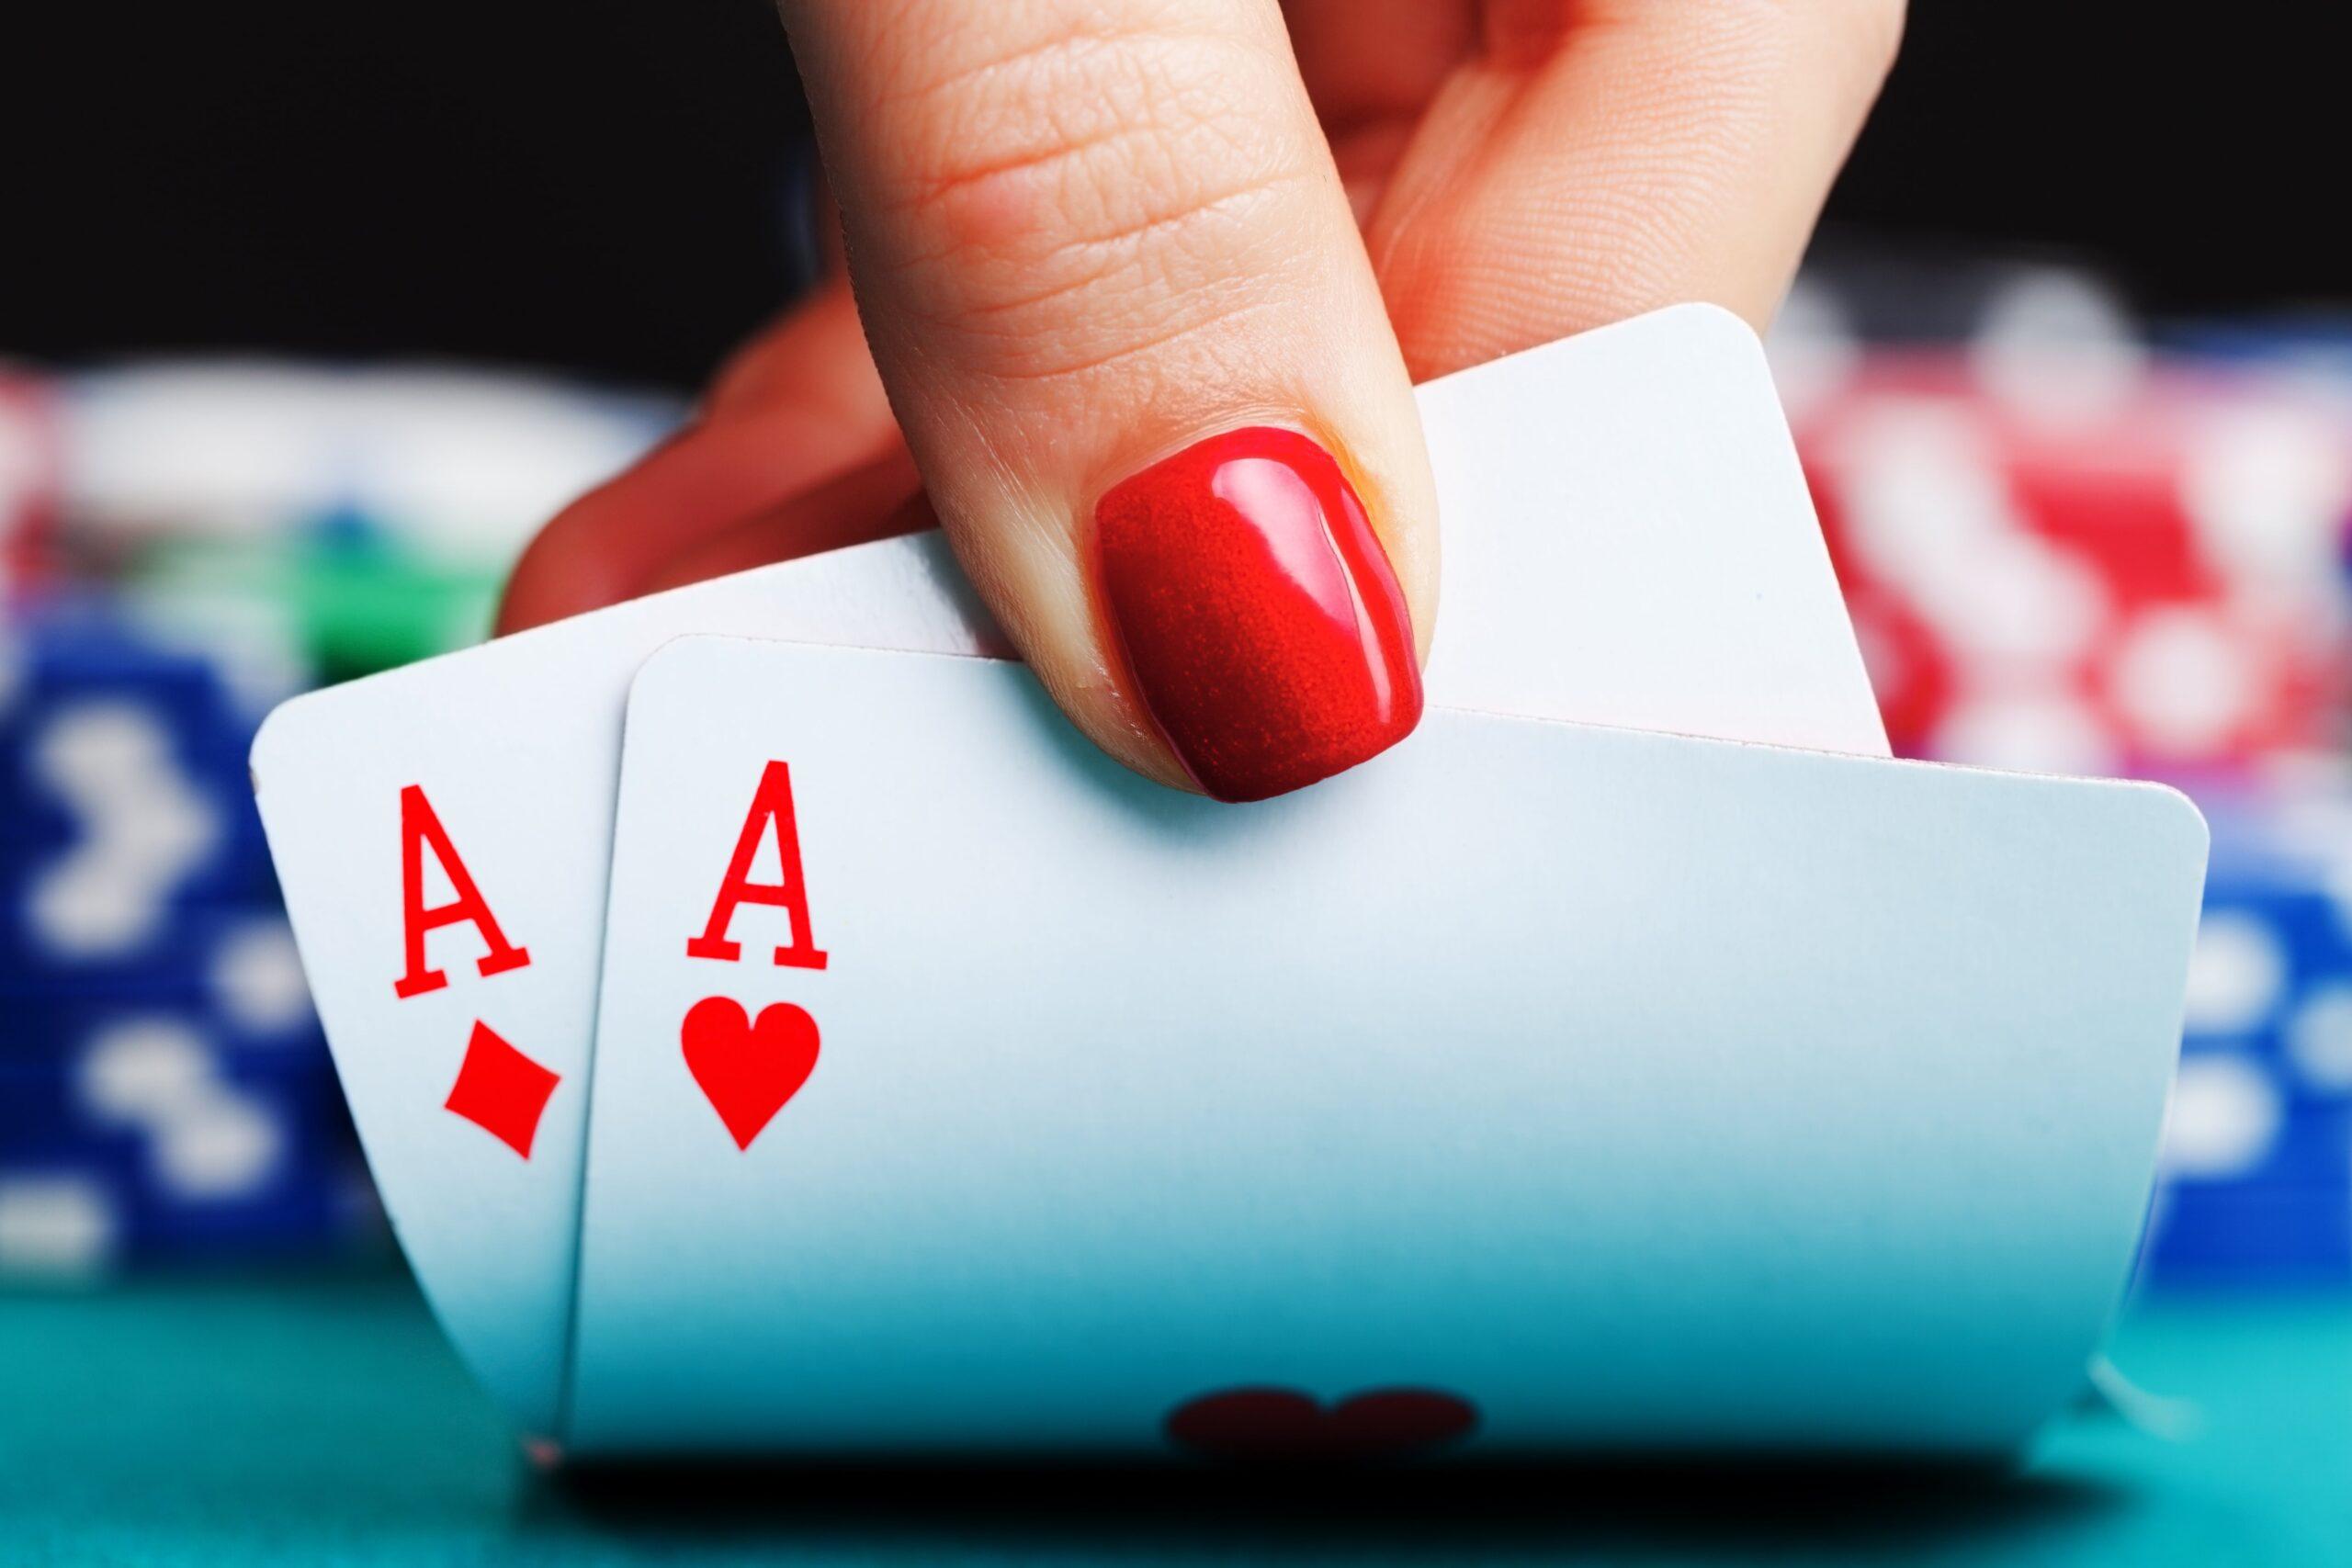 women playing casino games